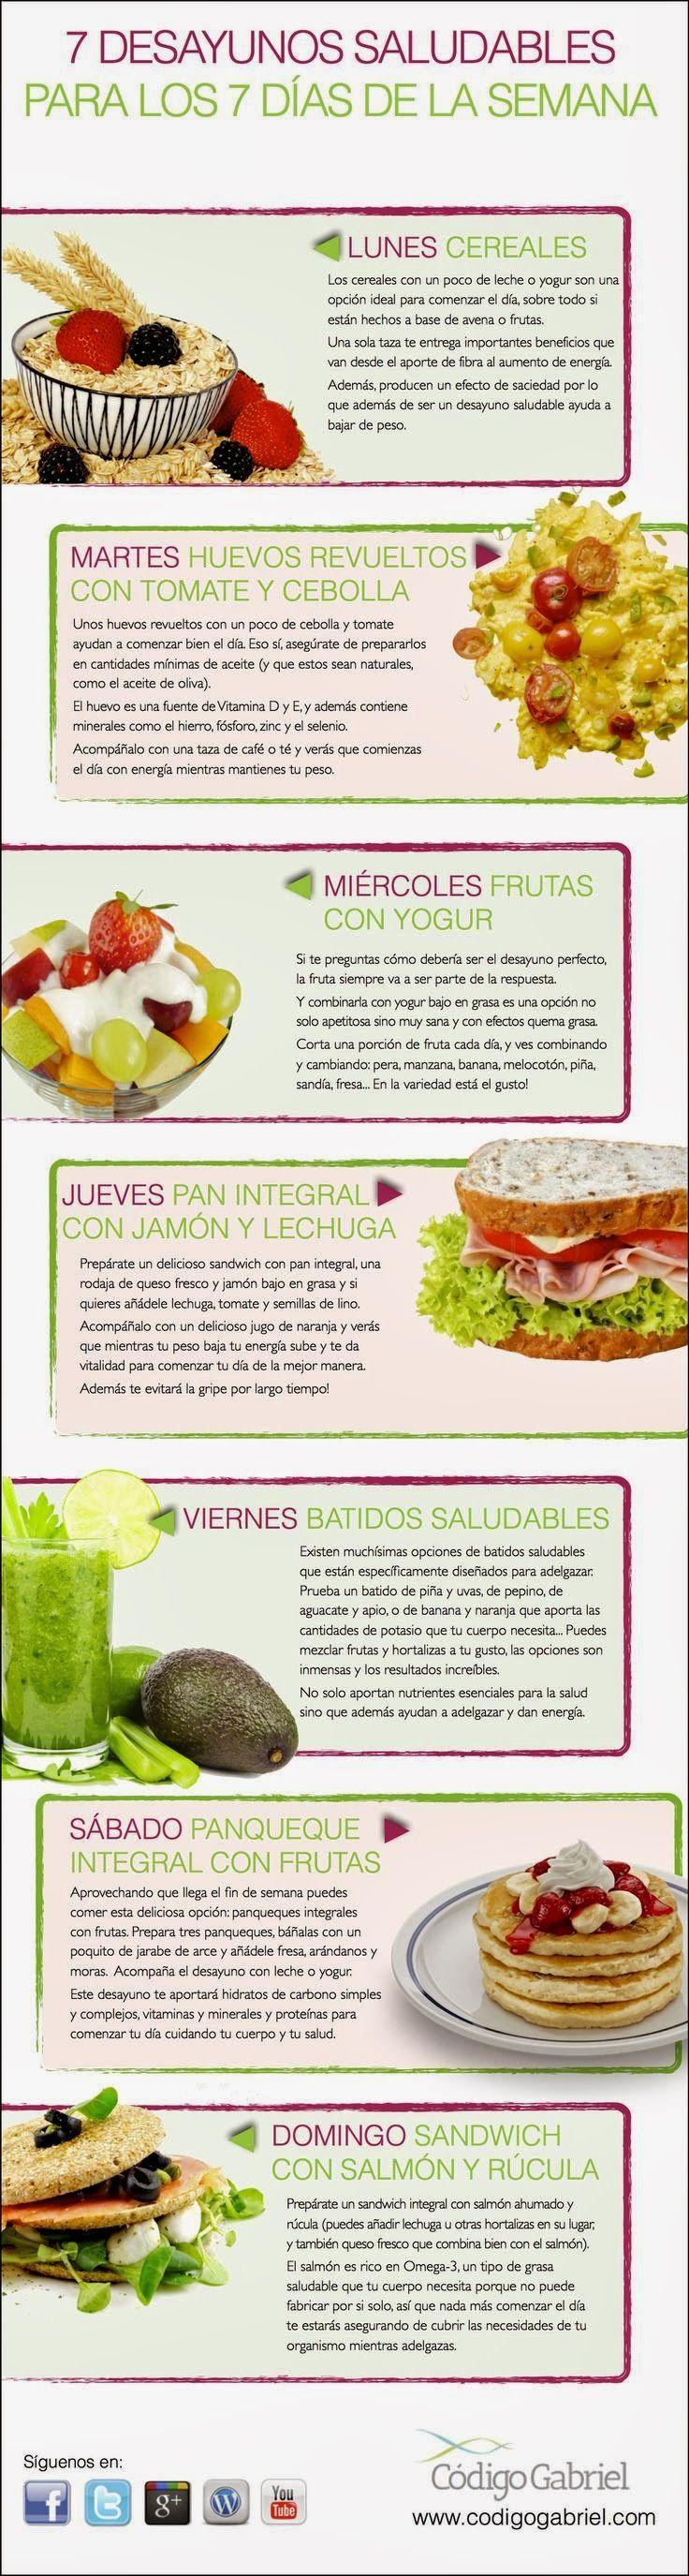 Mi pequeños aportes: 7 desayunos saludables para bajar de peso. Aquí les dejo una infografía con 7 desayunos para cada día de la semana y bajar de peso.